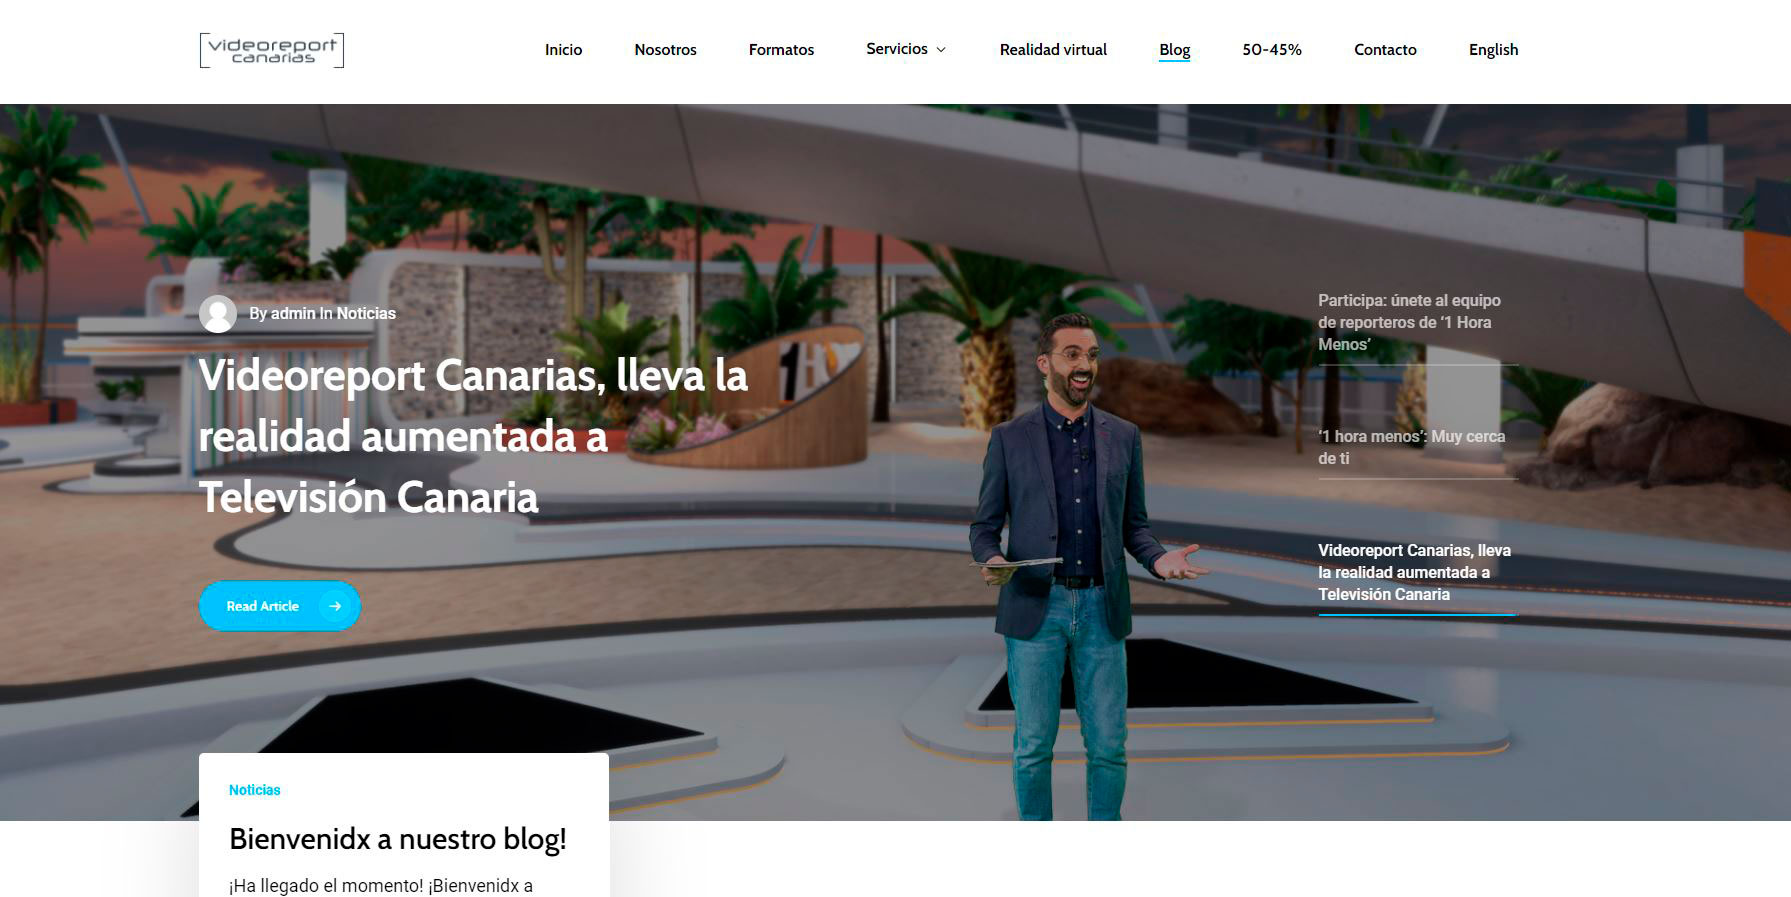 Bienvenid@ a nuestro blog!